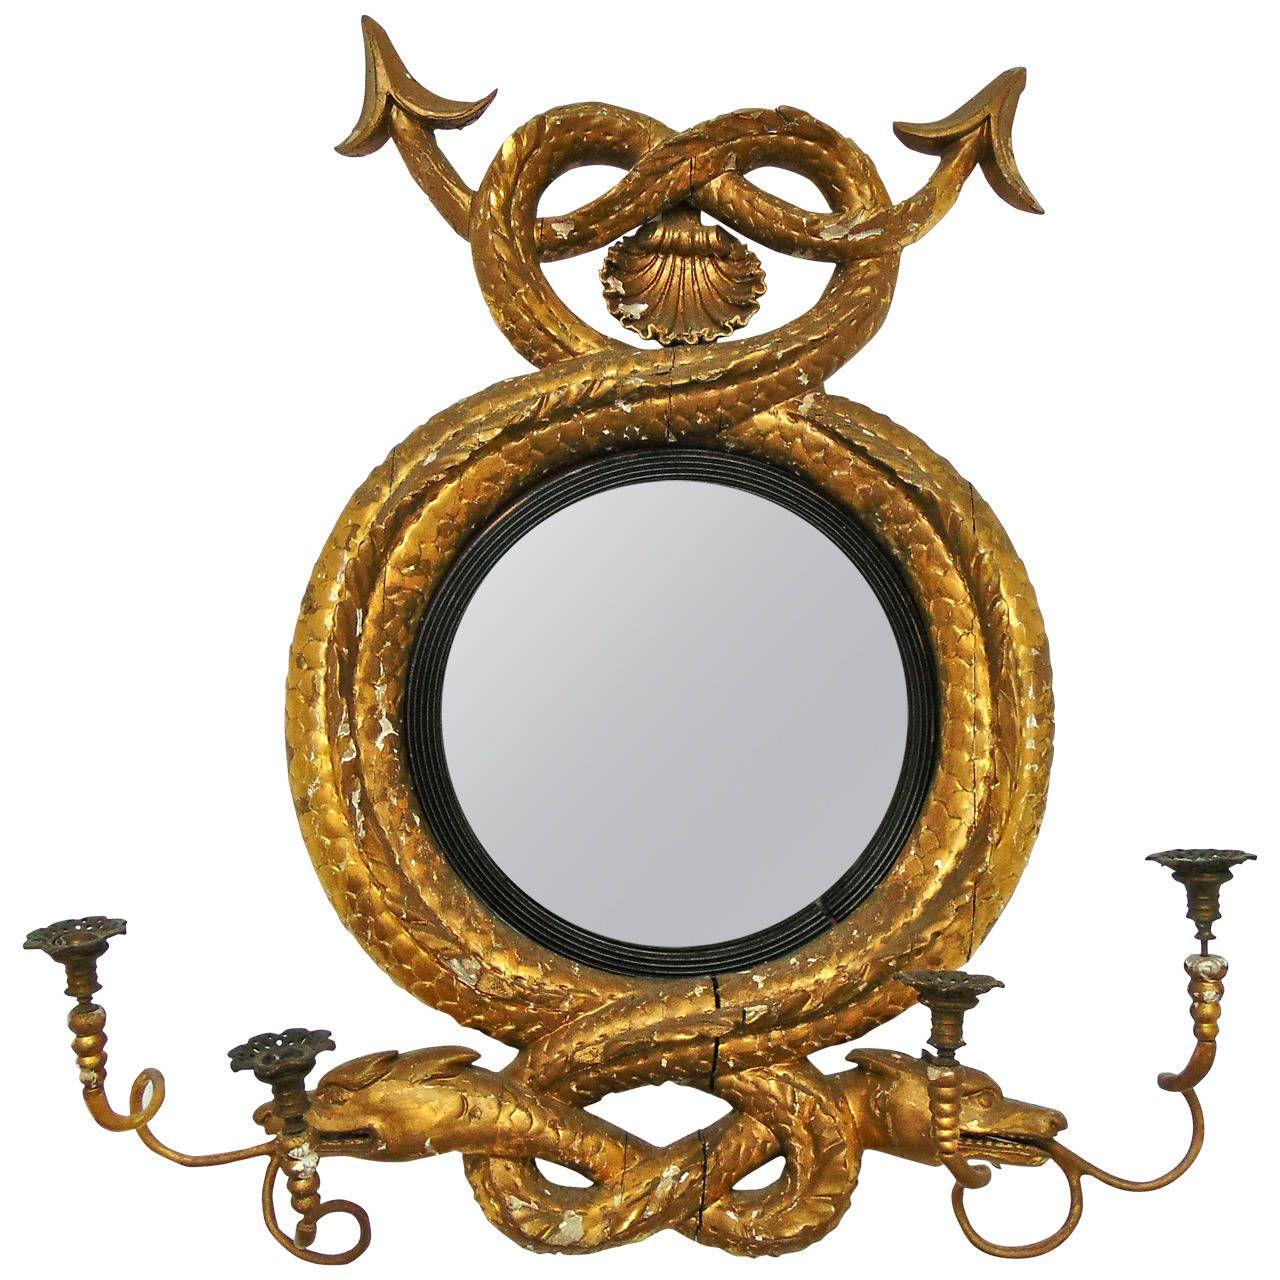 Rare Nautical Sea Serpent Giltwood Convex Mirror Girandole | Espejo ...